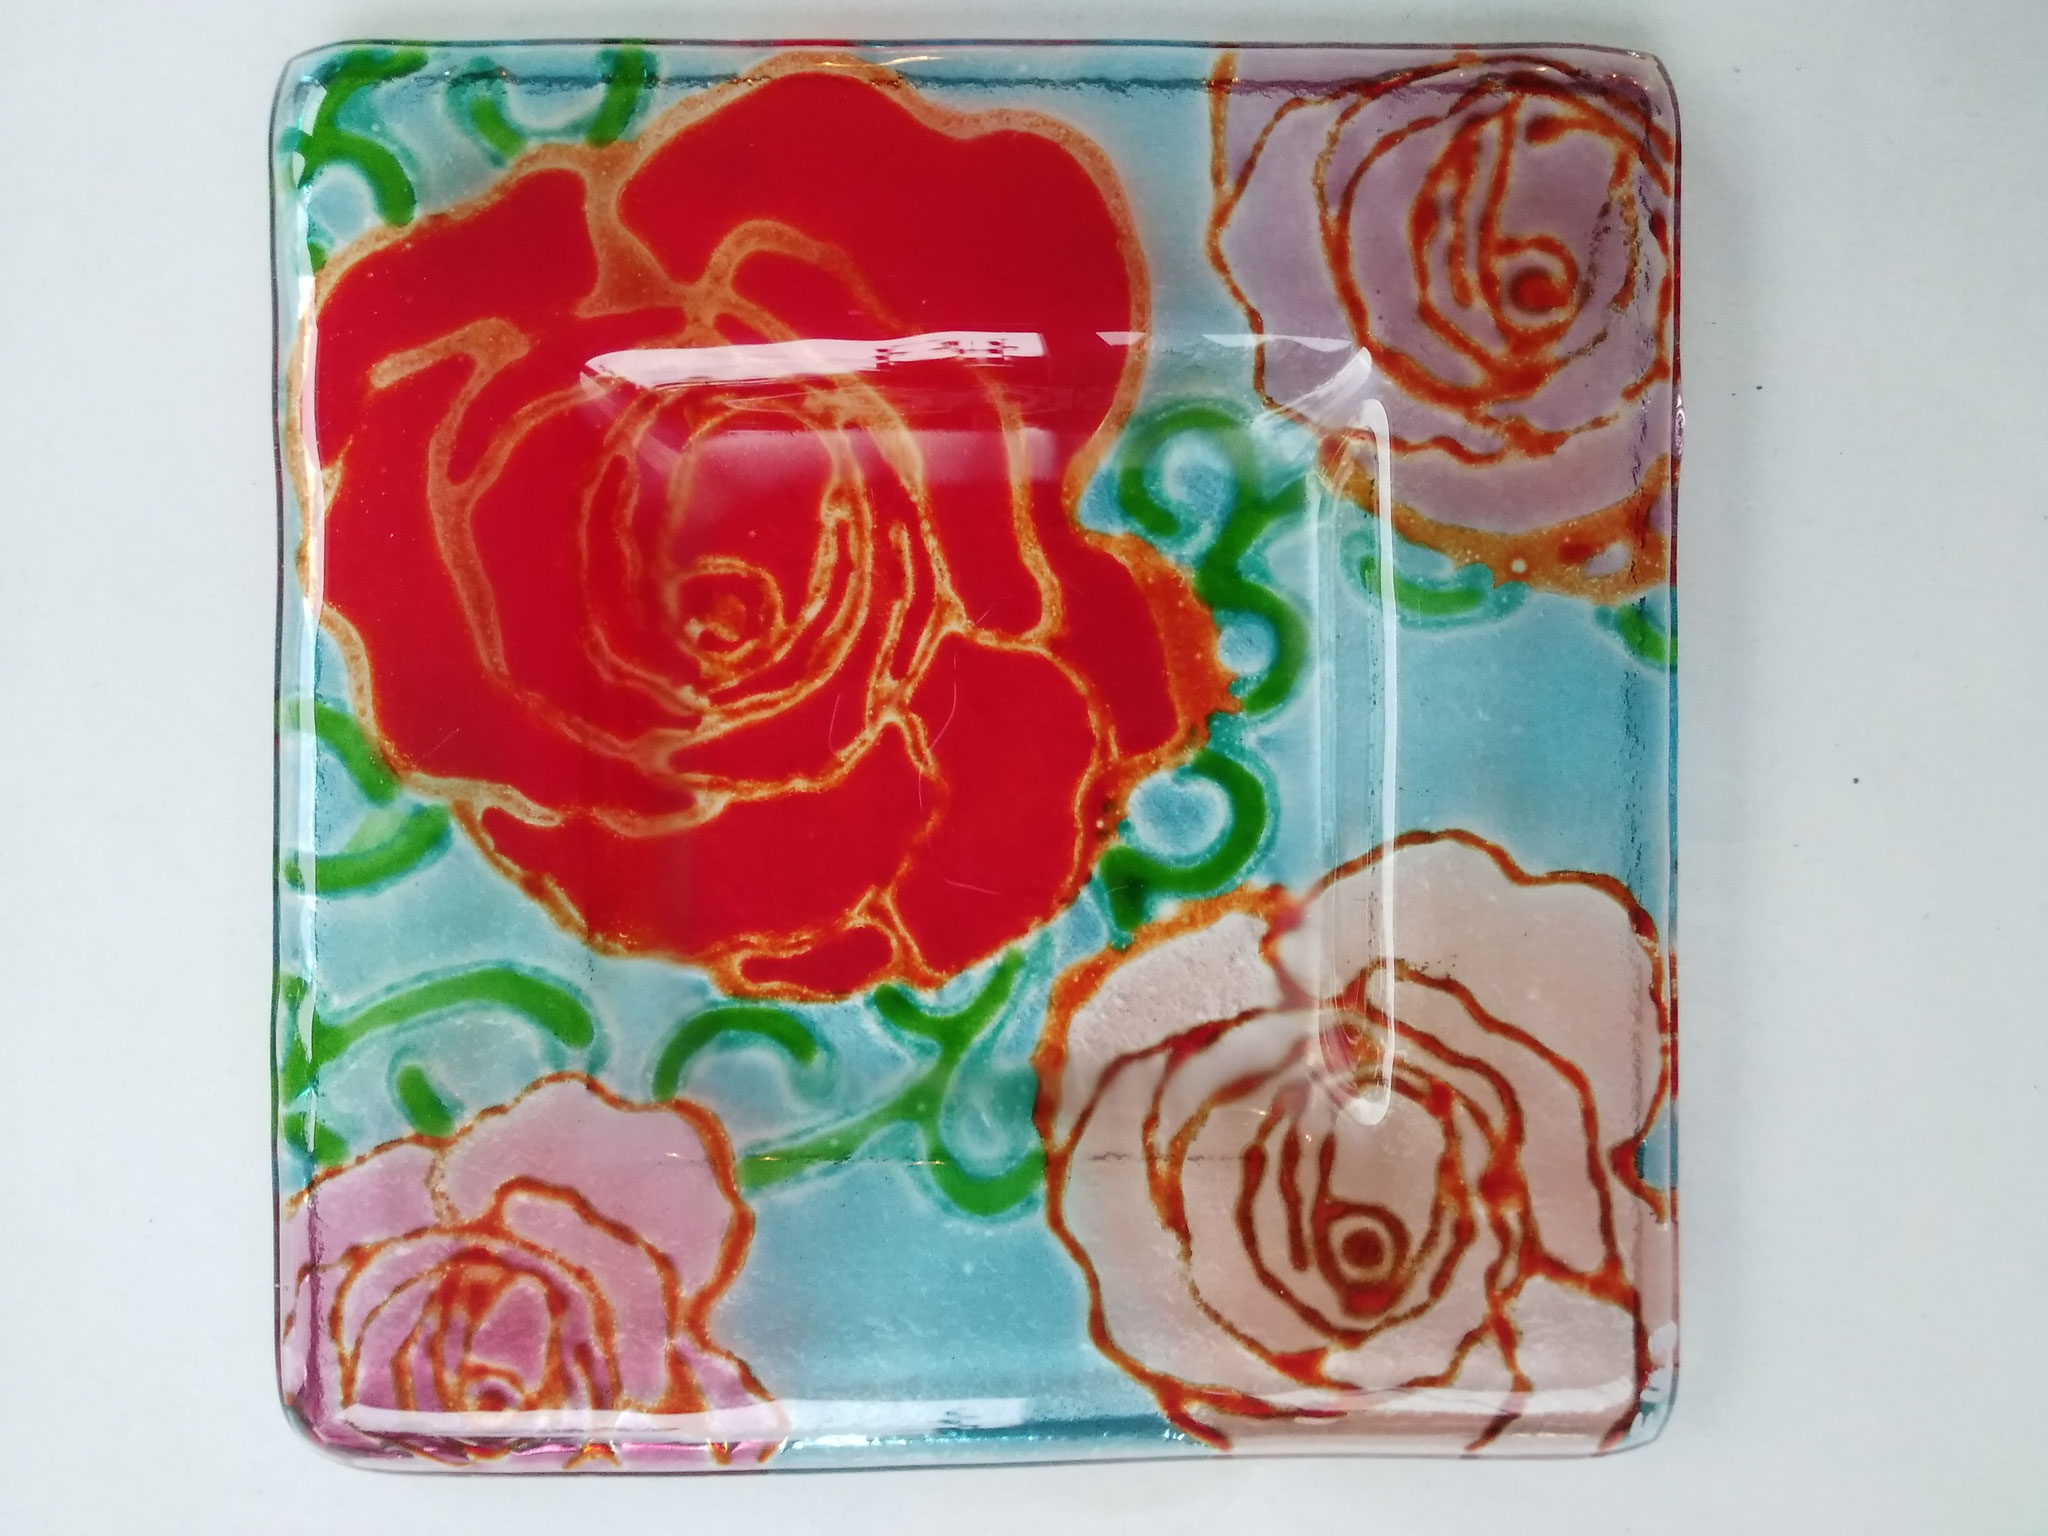 Glasschale 15x15 cm